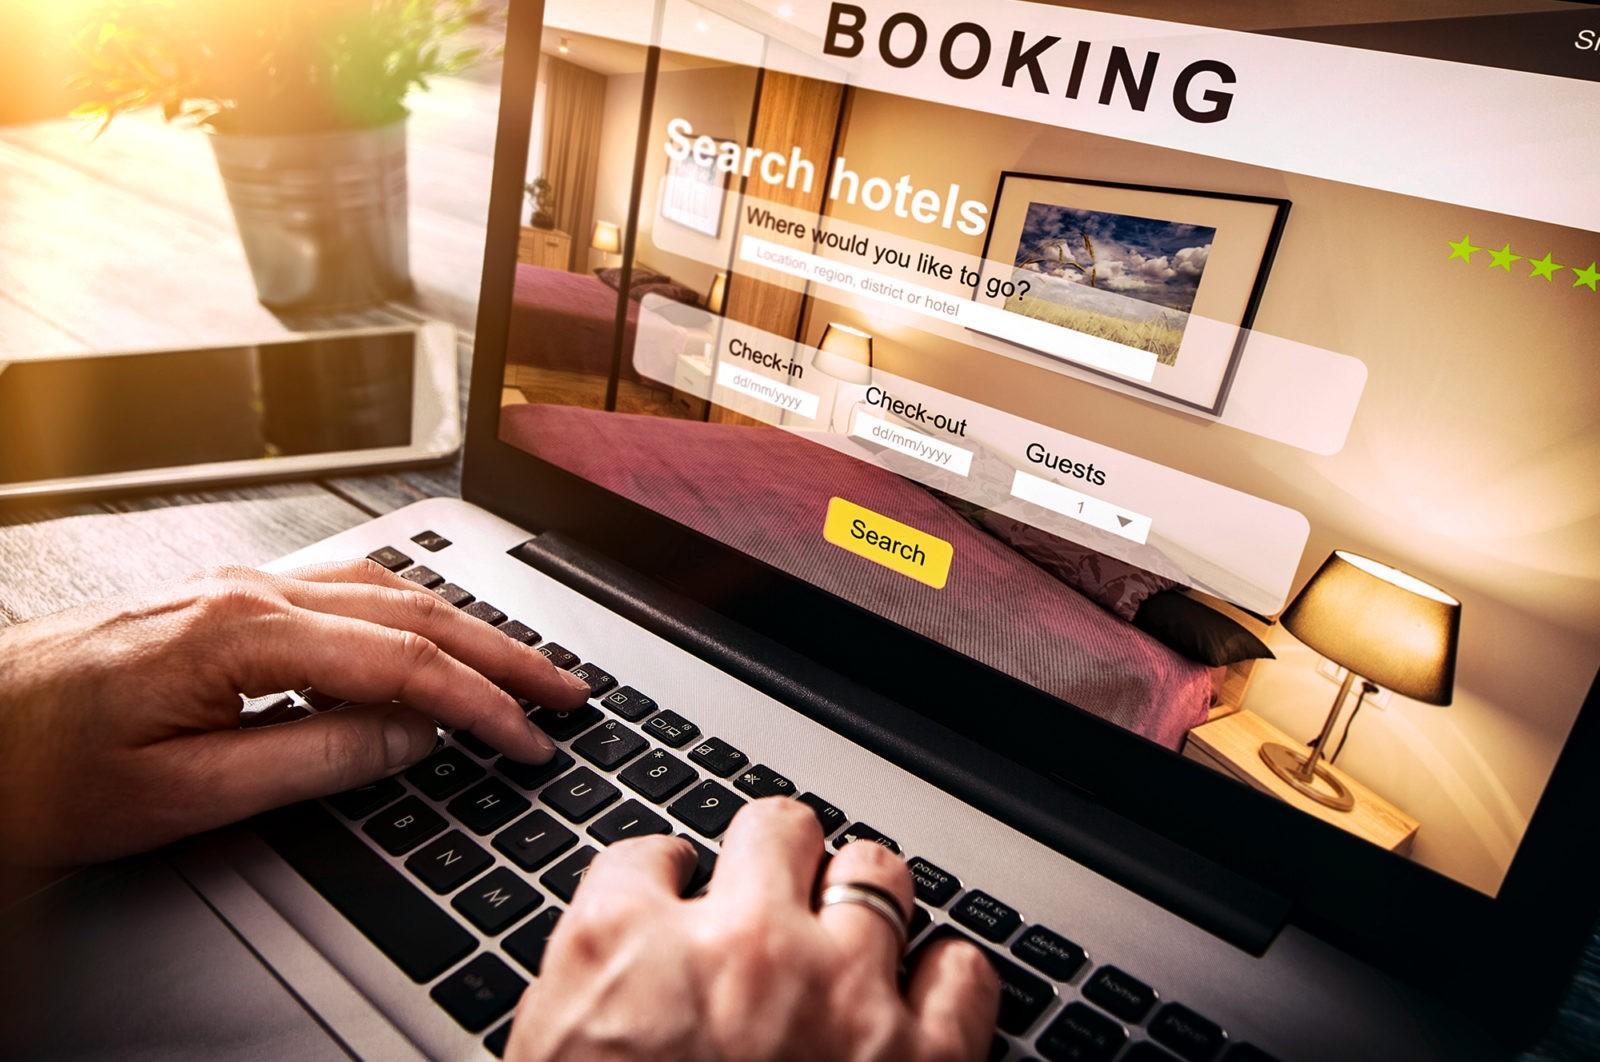 Бронь отеля для визы без оплаты: возможно ли это?